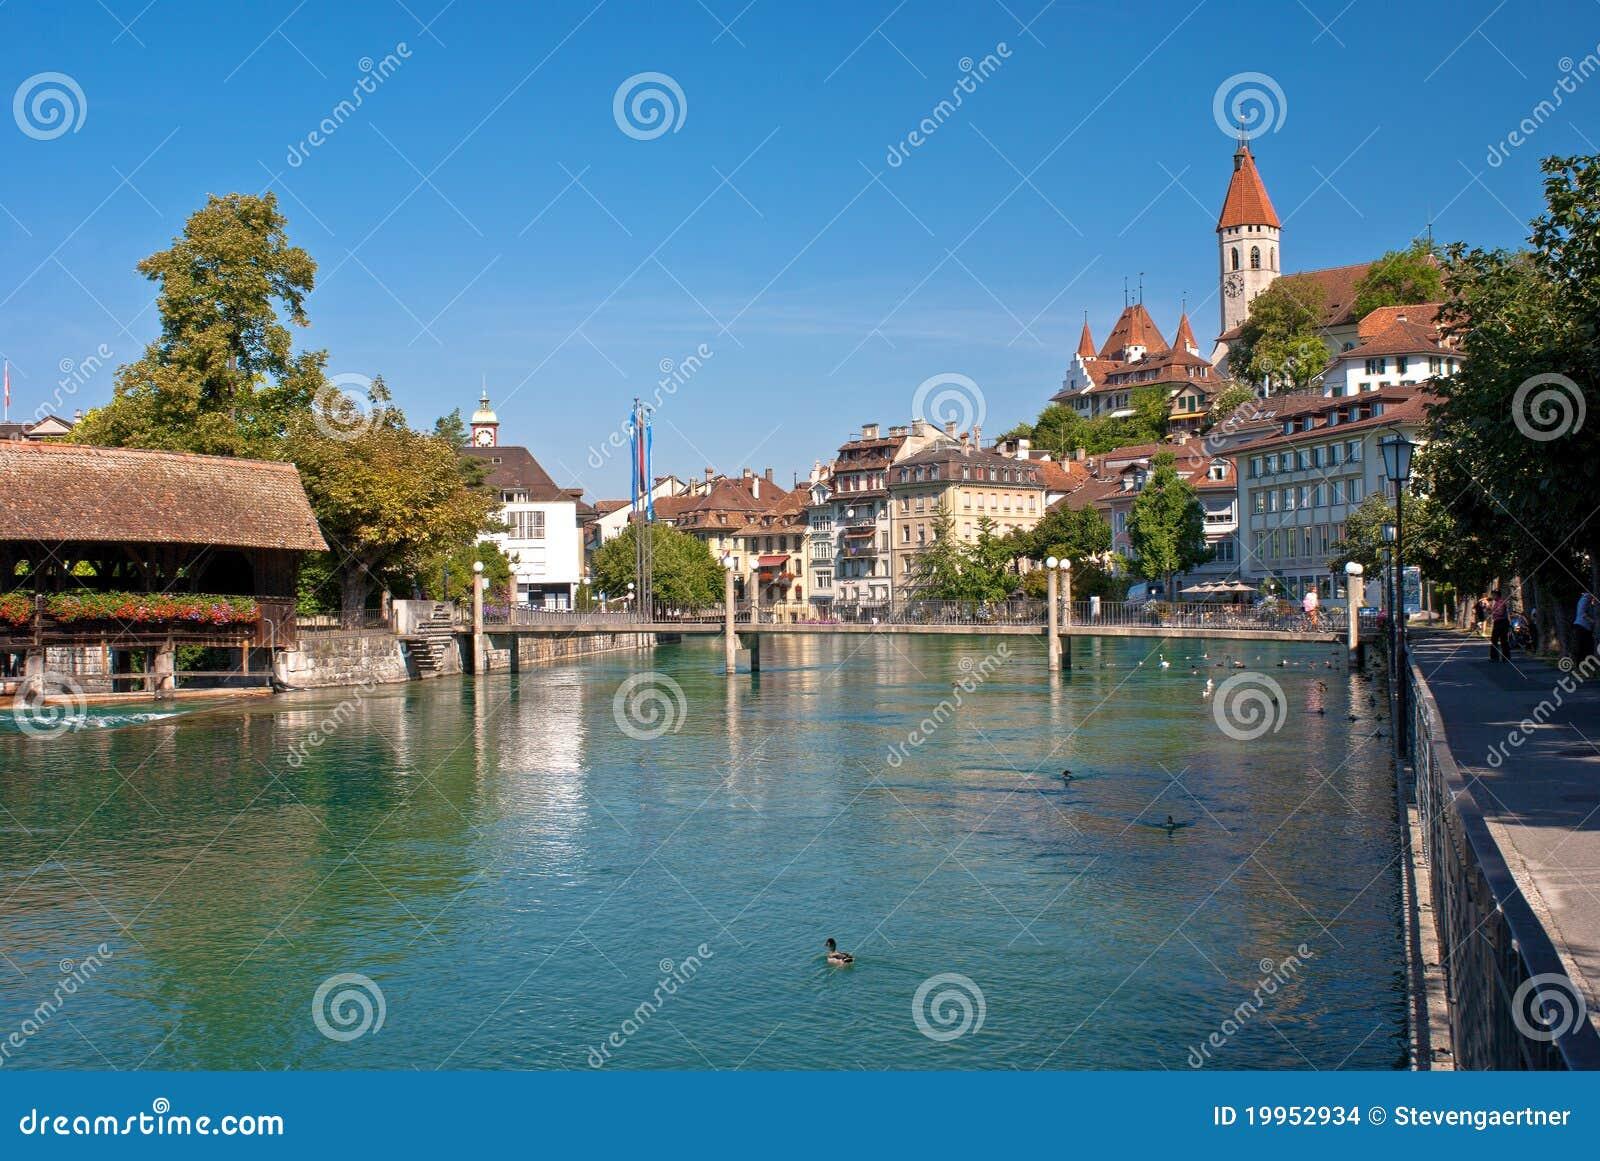 De rivier van Aare, thun, Zwitserland